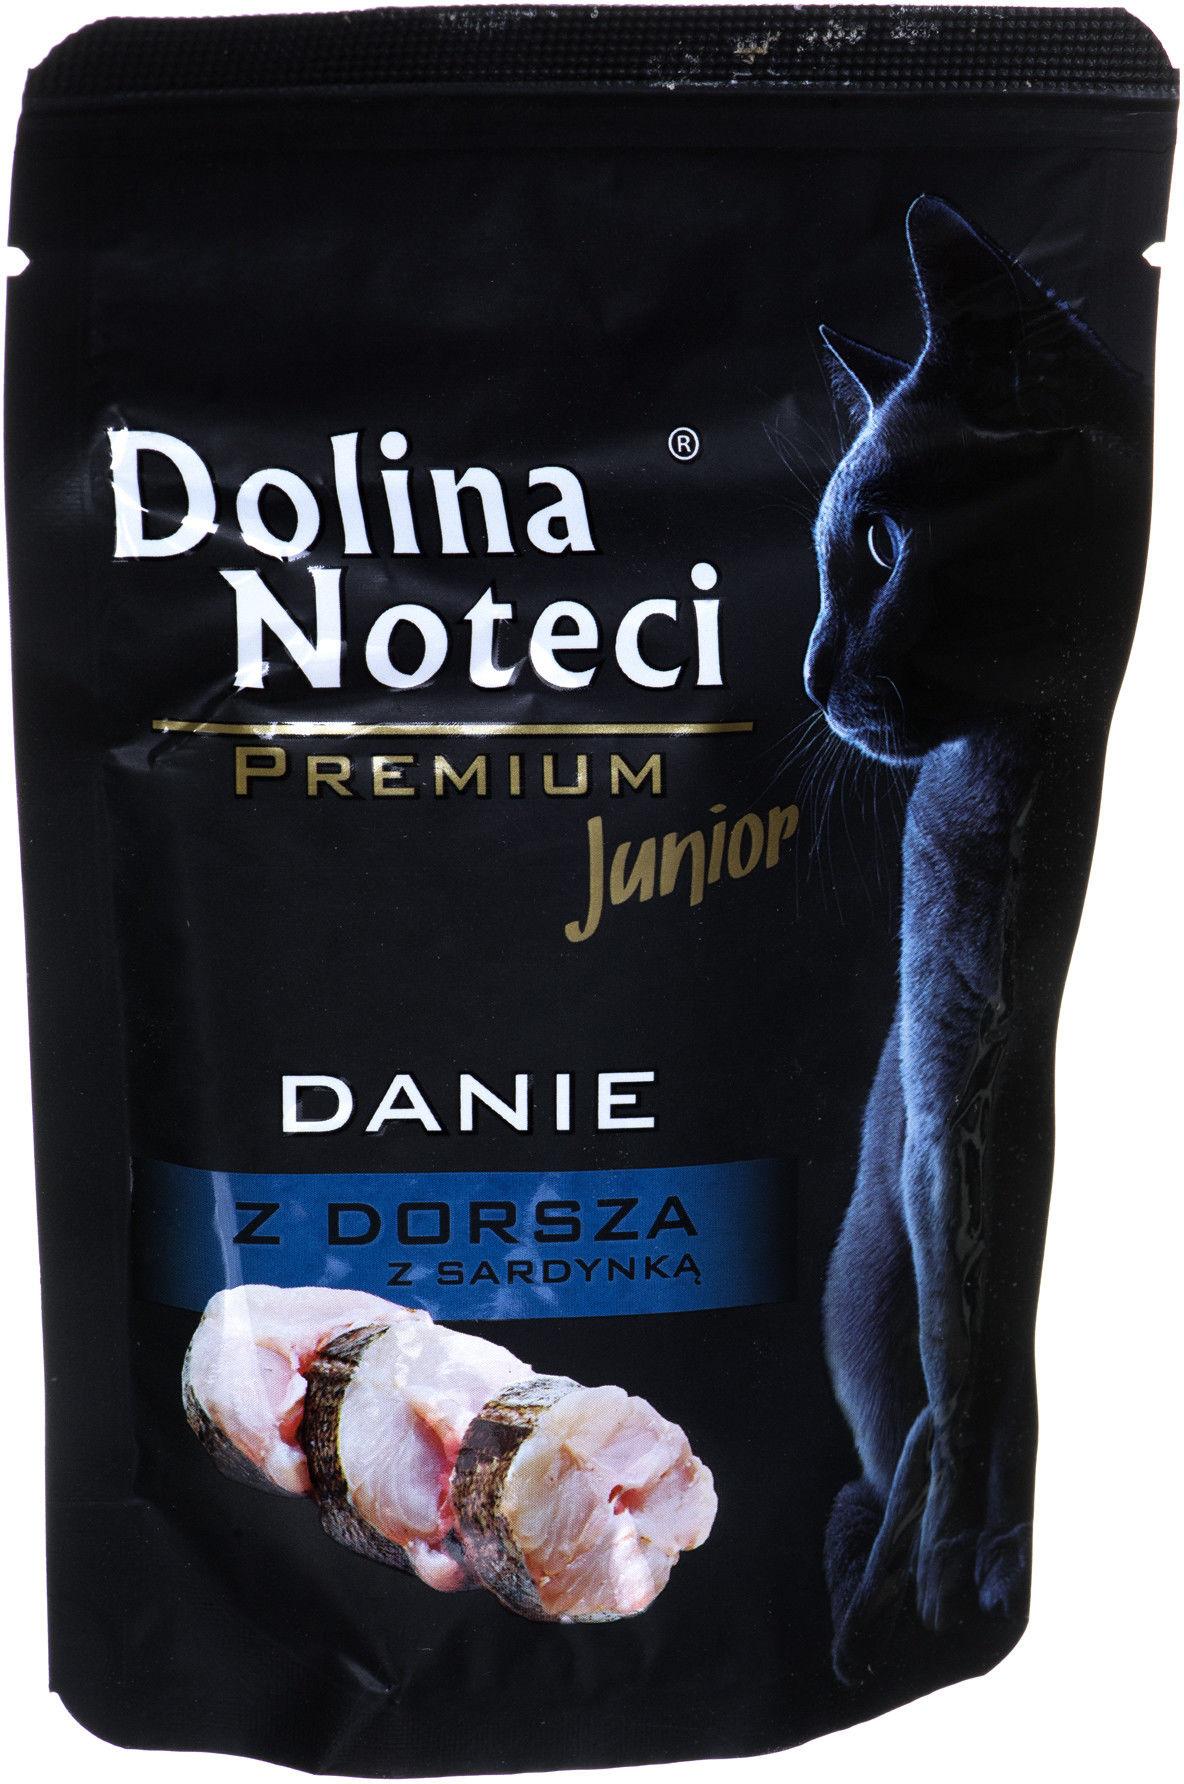 Dolina Noteci Premium 85g JUNIOR Danie z Dorsza z Sardynką